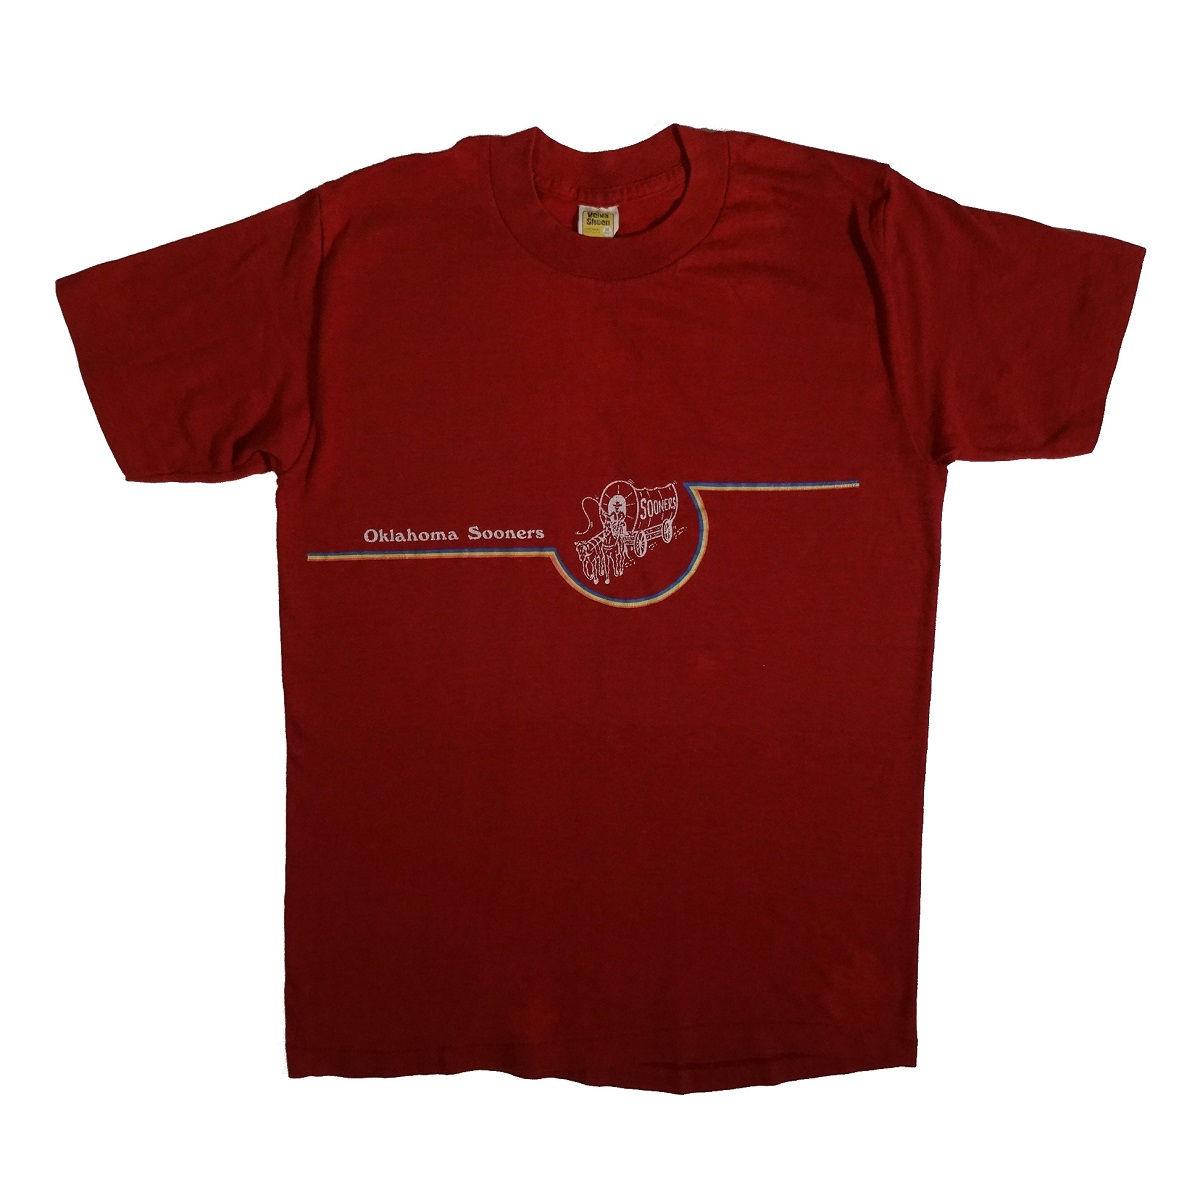 Oklahoma Sooners Vintage Velva Sheen T Shirt Front